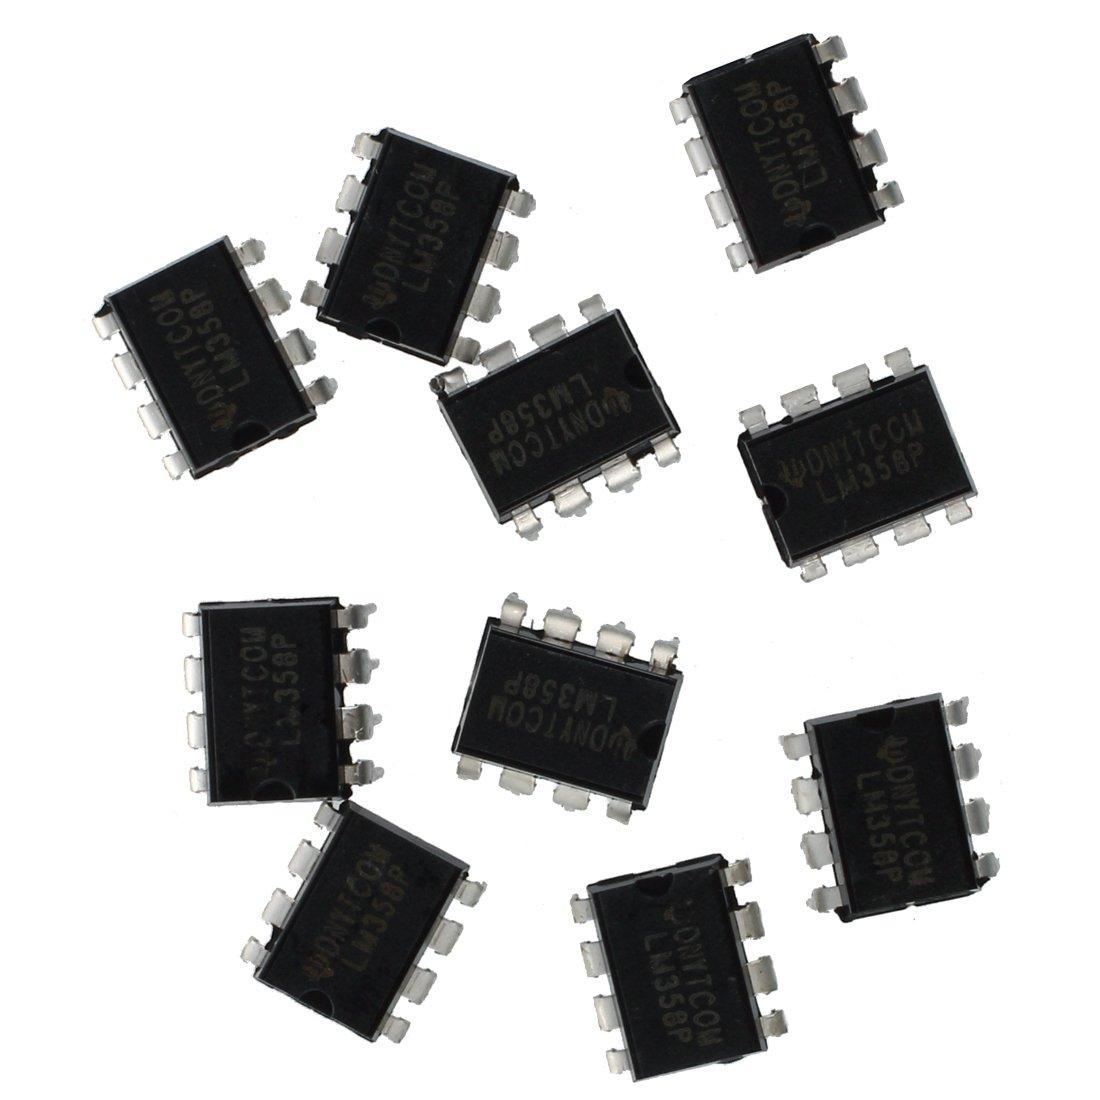 Amplificador - TOOGOO(R) 10x LM358N Amplificador operacional dual de 8 pines de baja potencia: Amazon.es: Electrónica